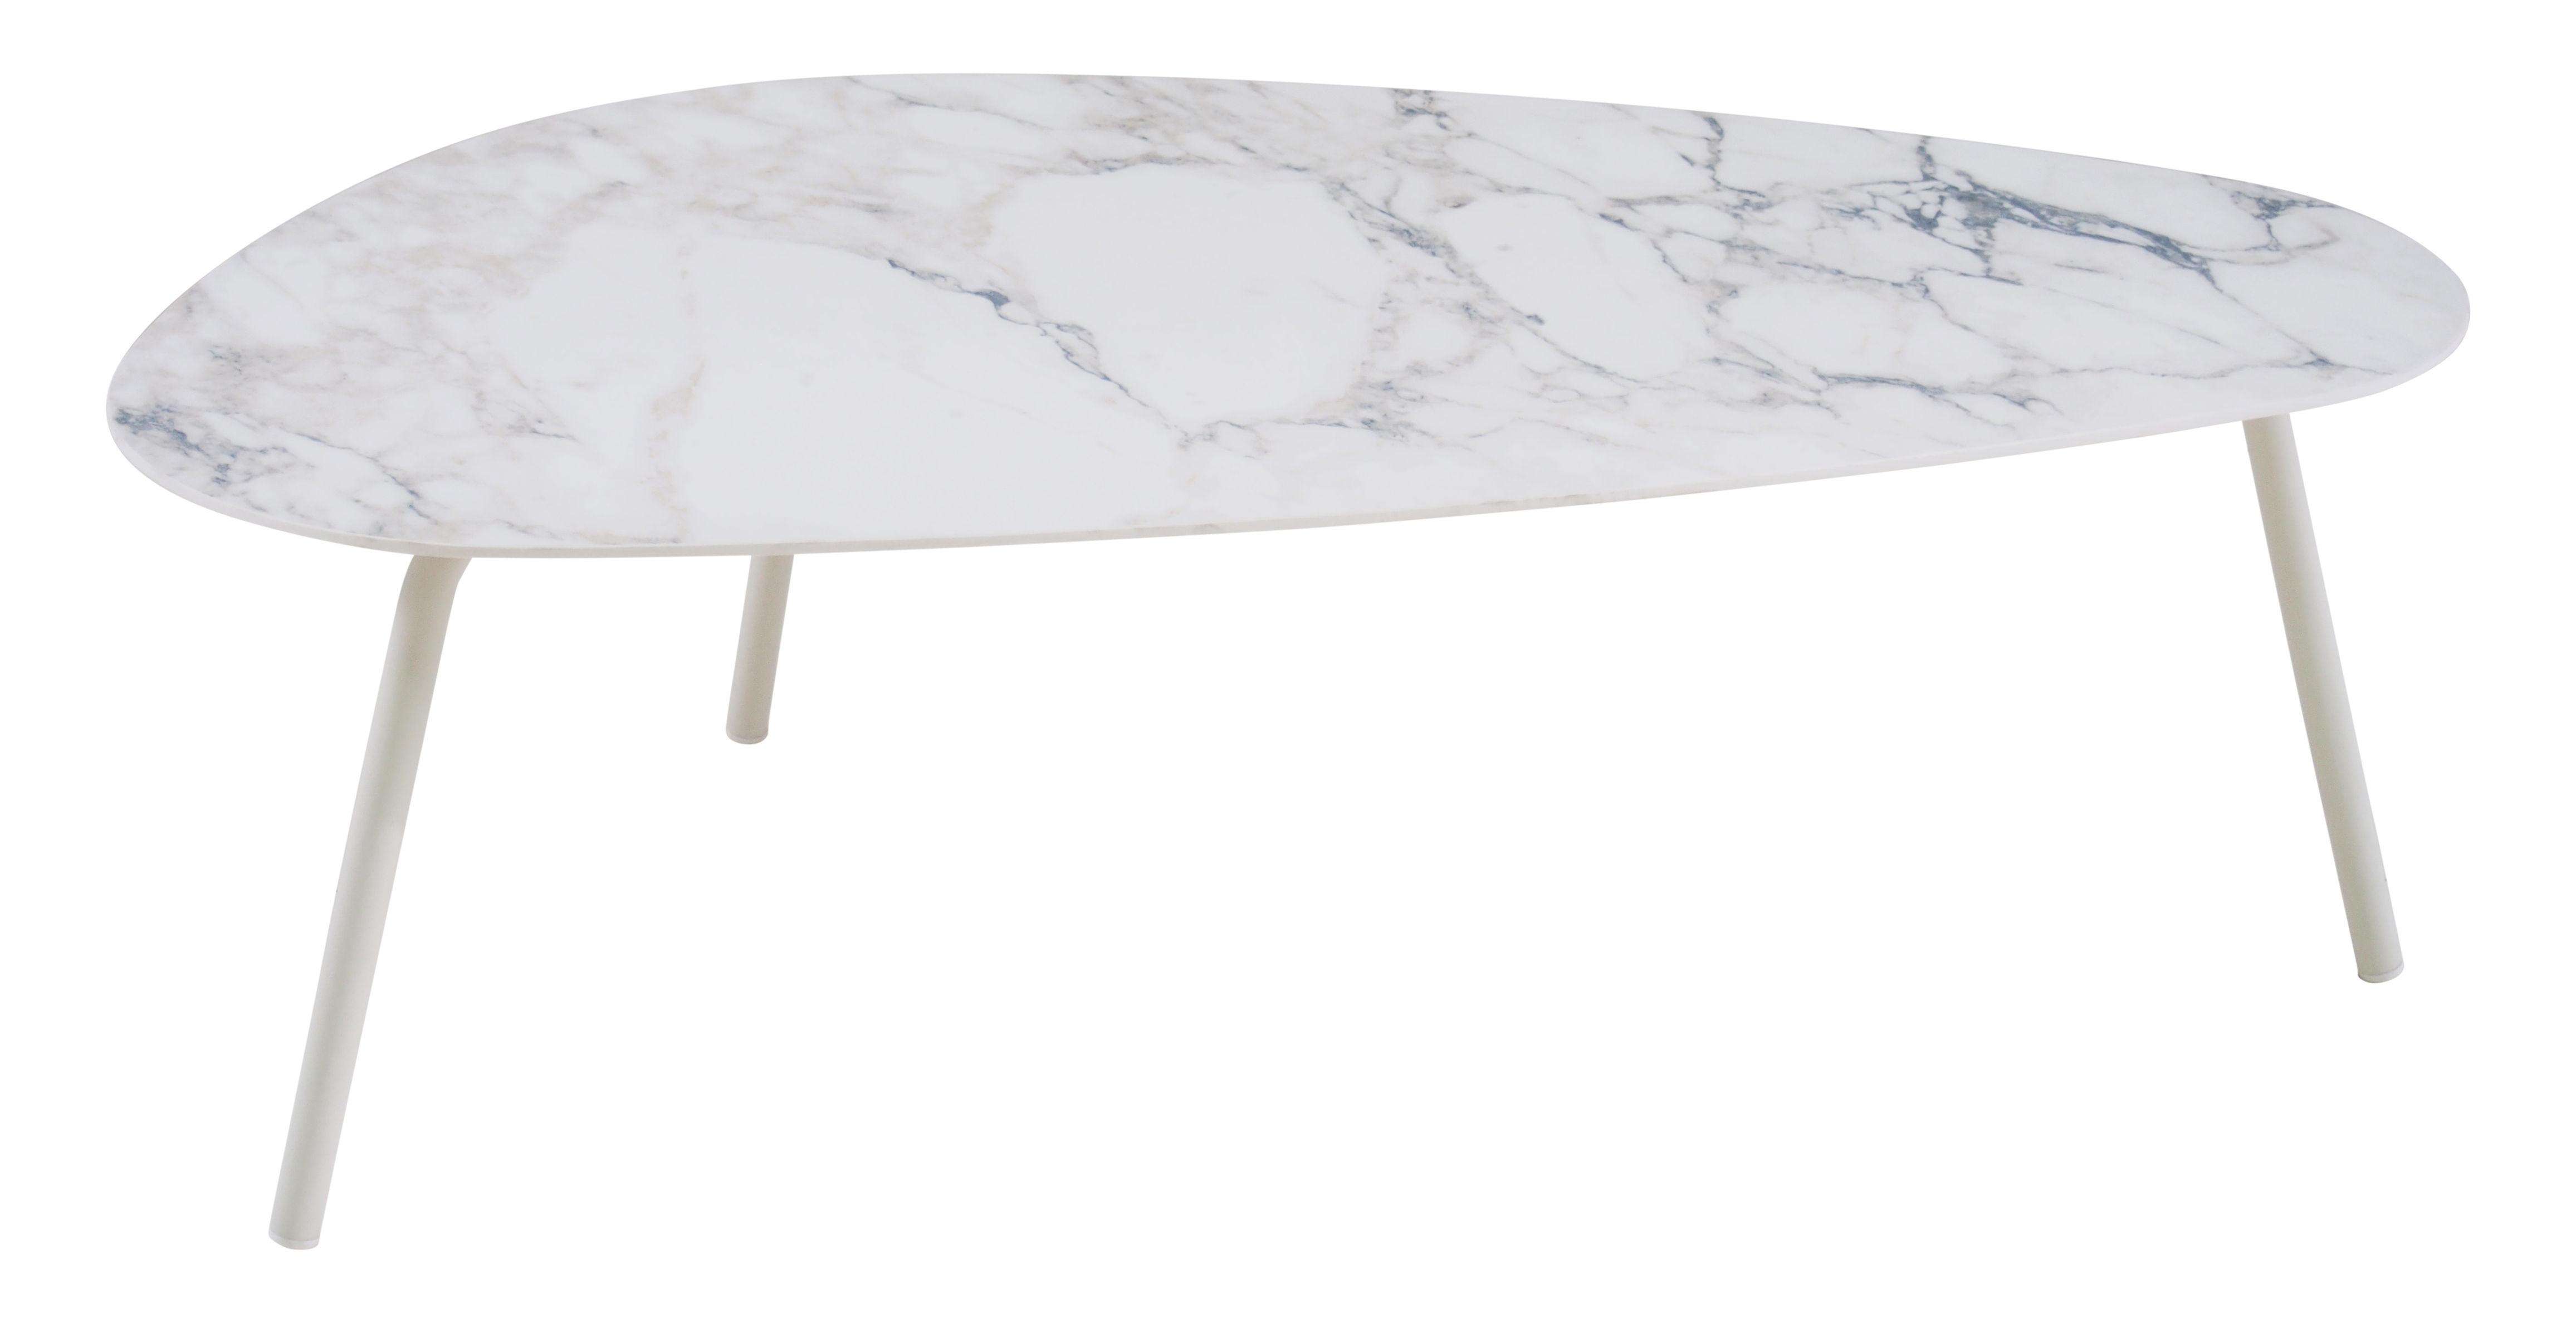 Couchtisch Terramare Von Emu Tischplatte Weiss Mit Marmoroptik